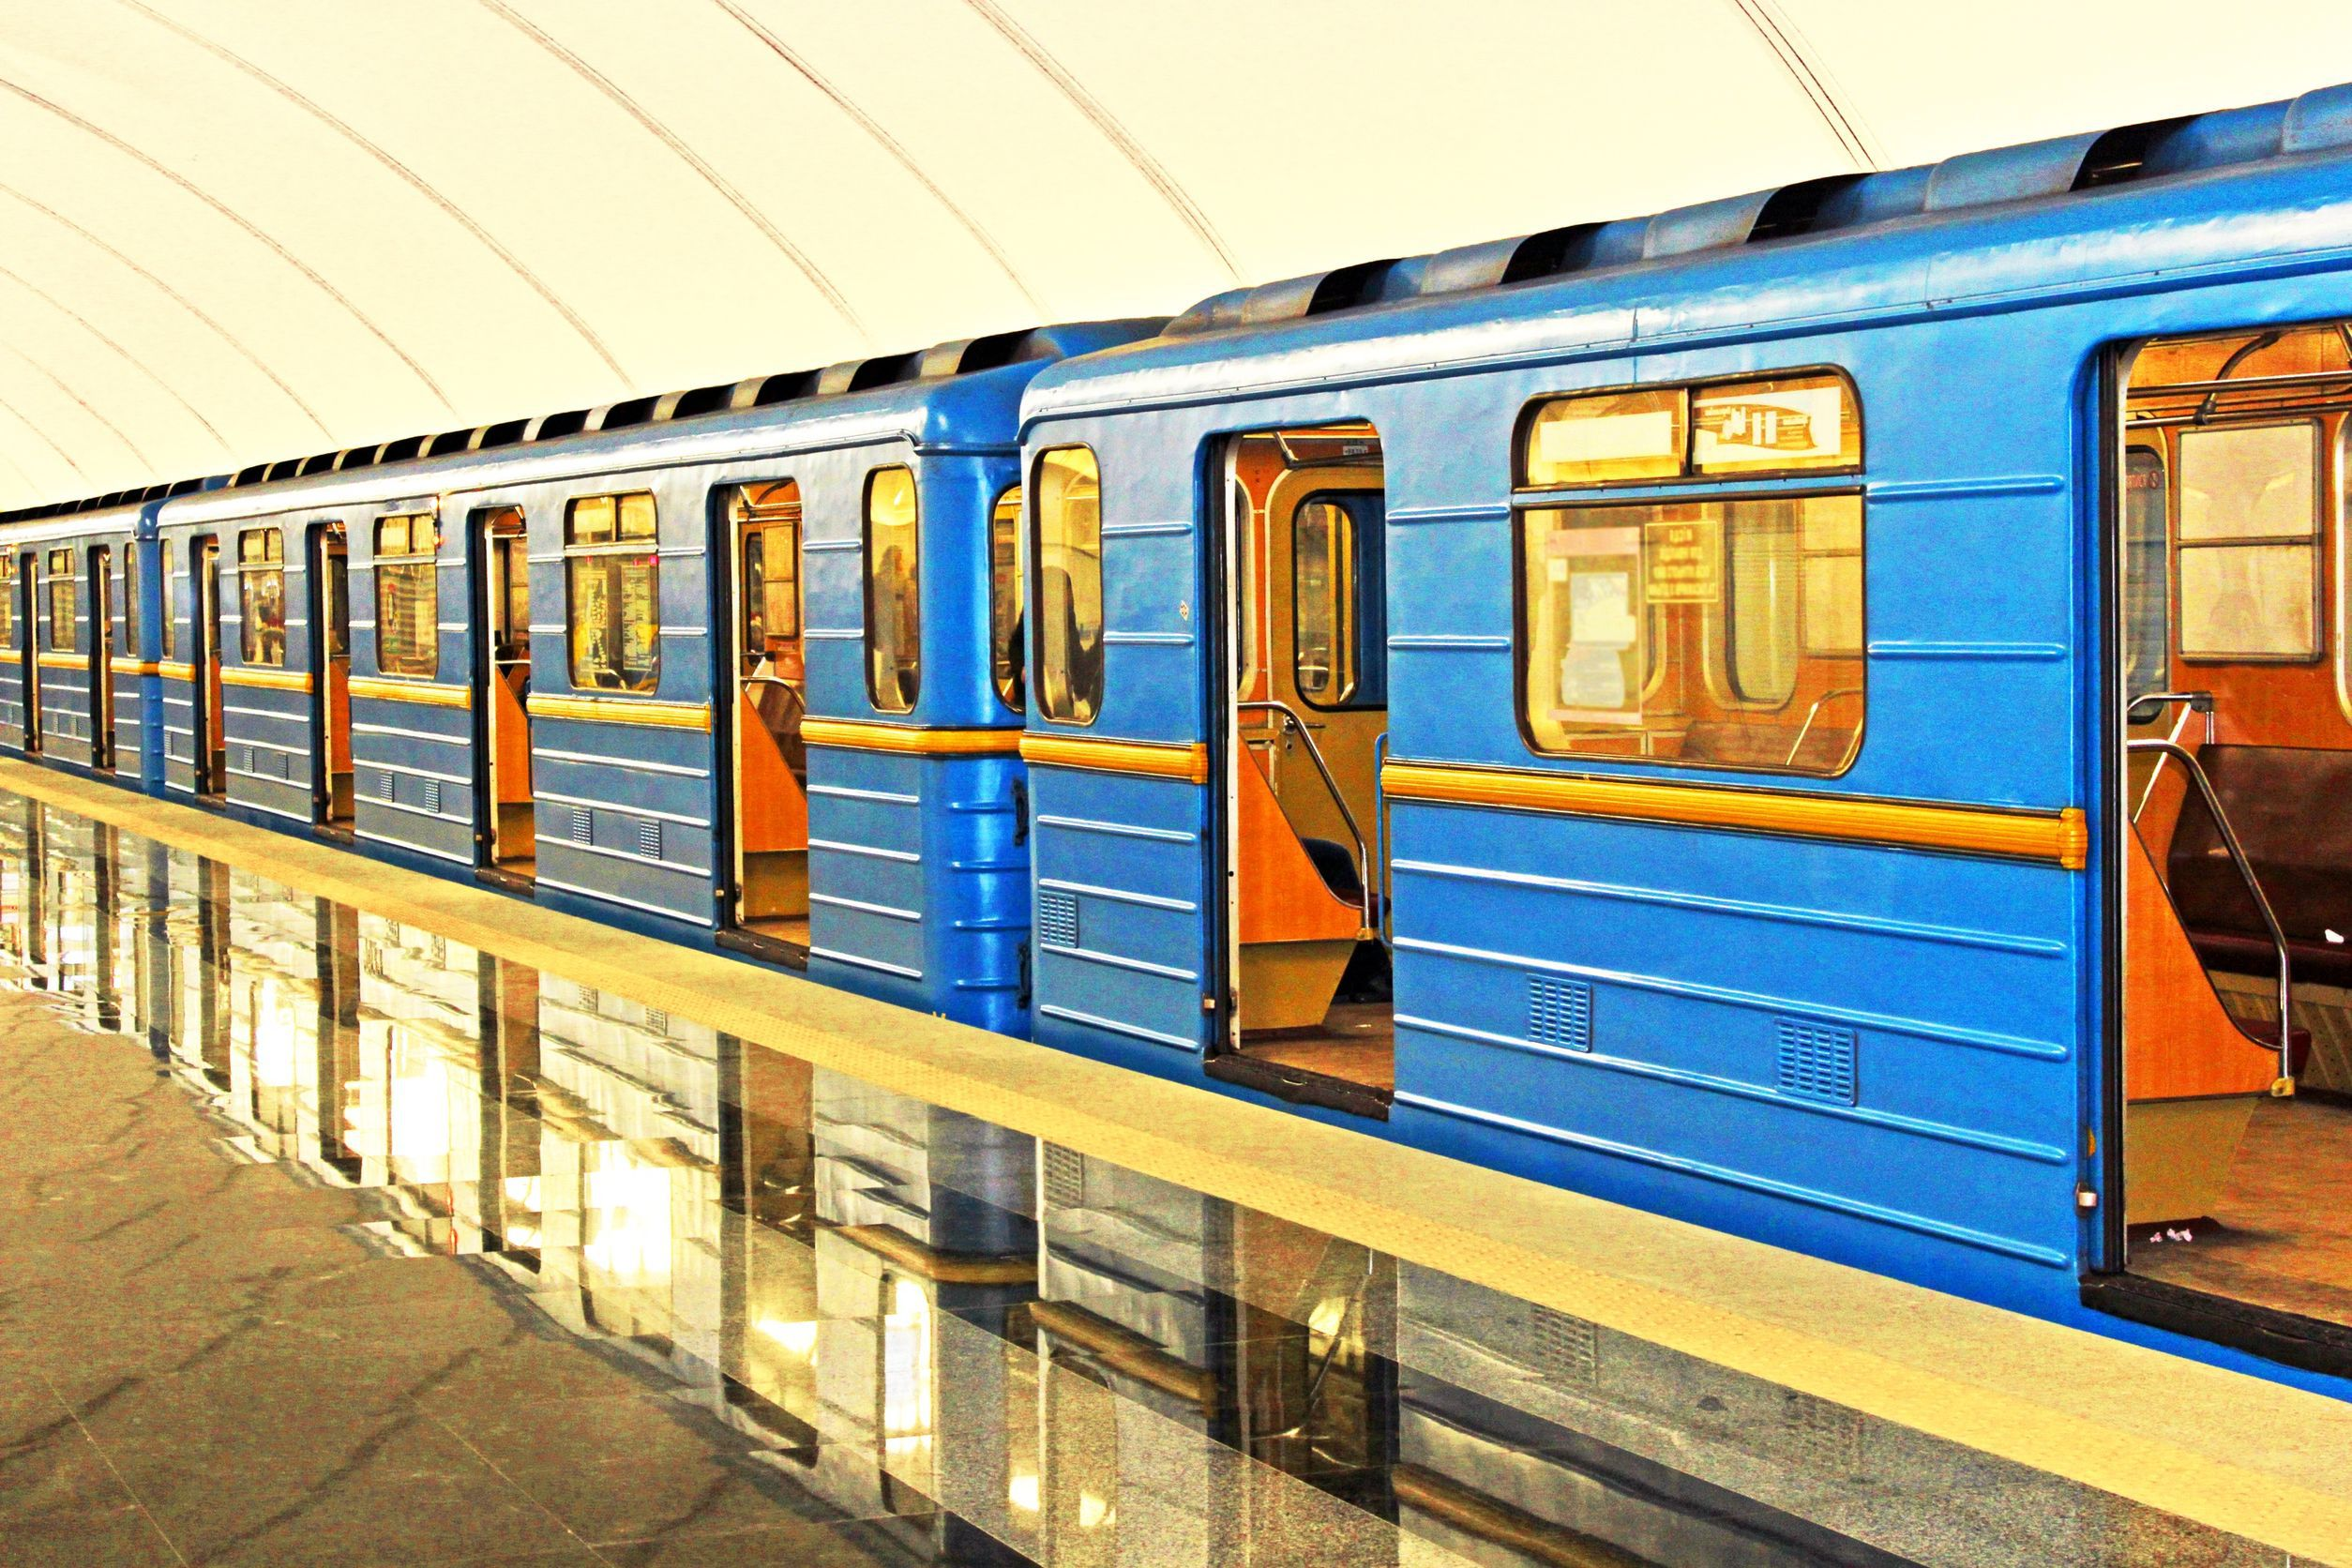 Reţeaua de transport din Ucraina, vizată de o serie de atacuri cibernetice